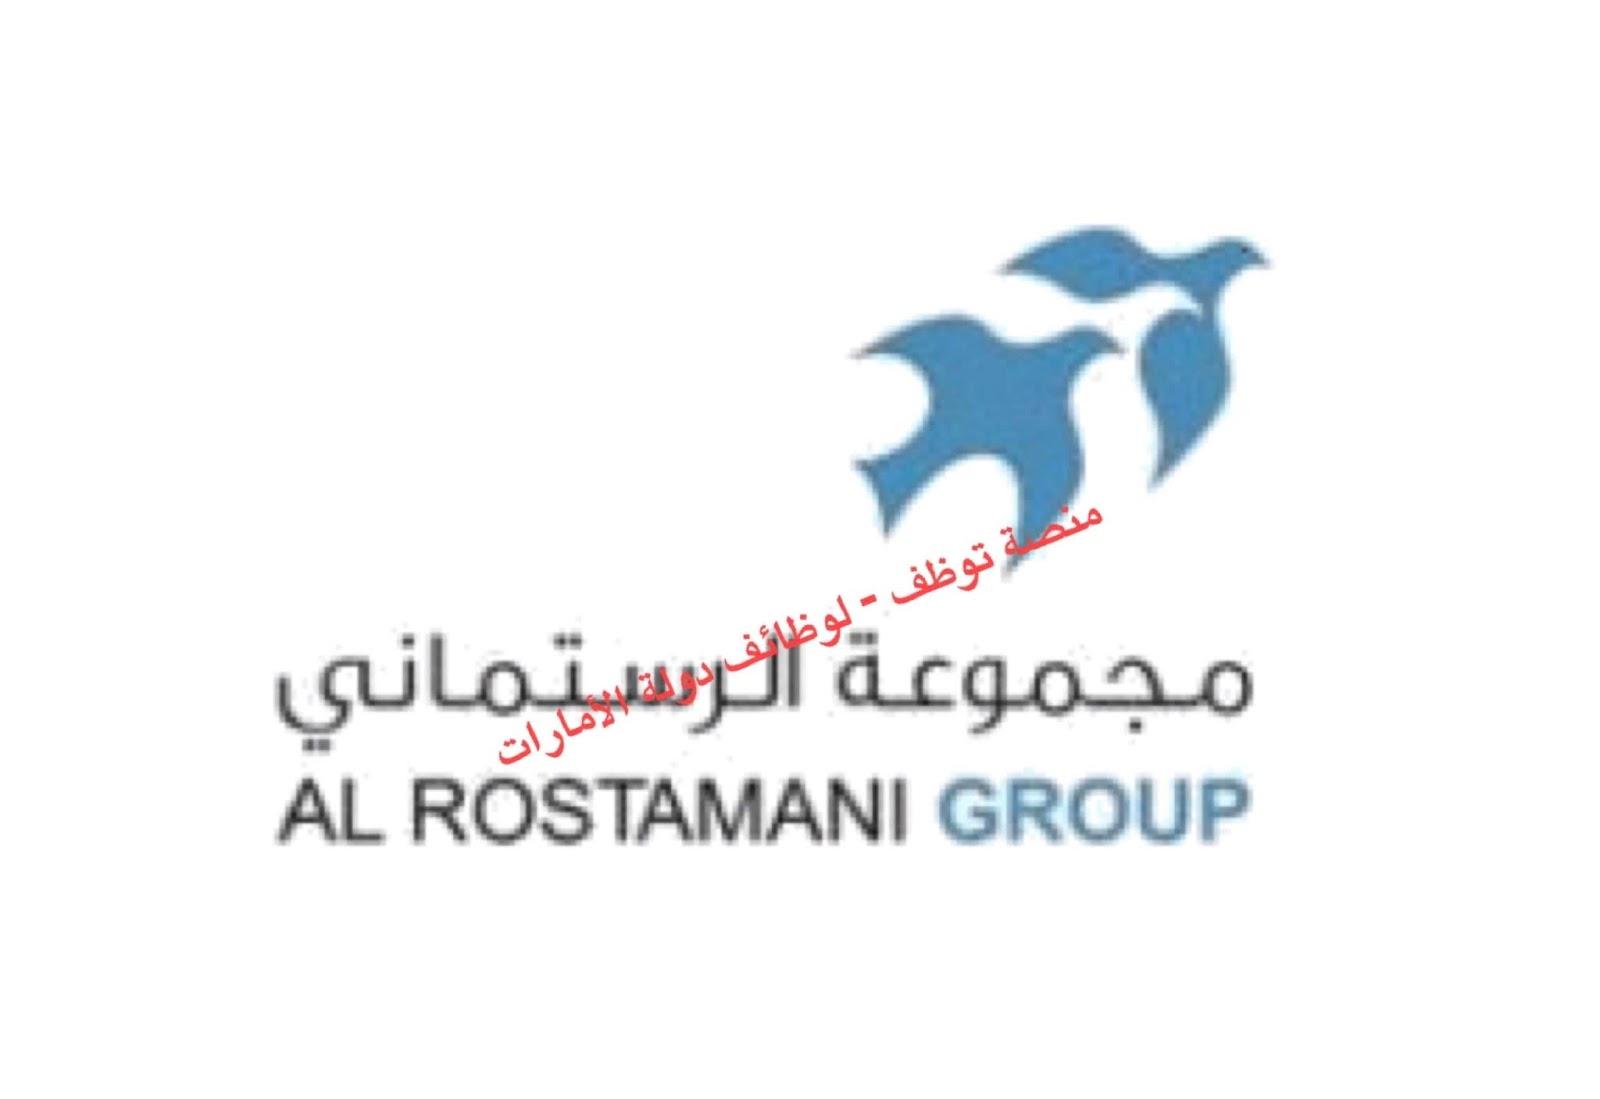 وظائف بمجموعة شركات الرستماني بدولة الأمارات ( نوع الجنسيات اماراتيون وغير اماراتيون )